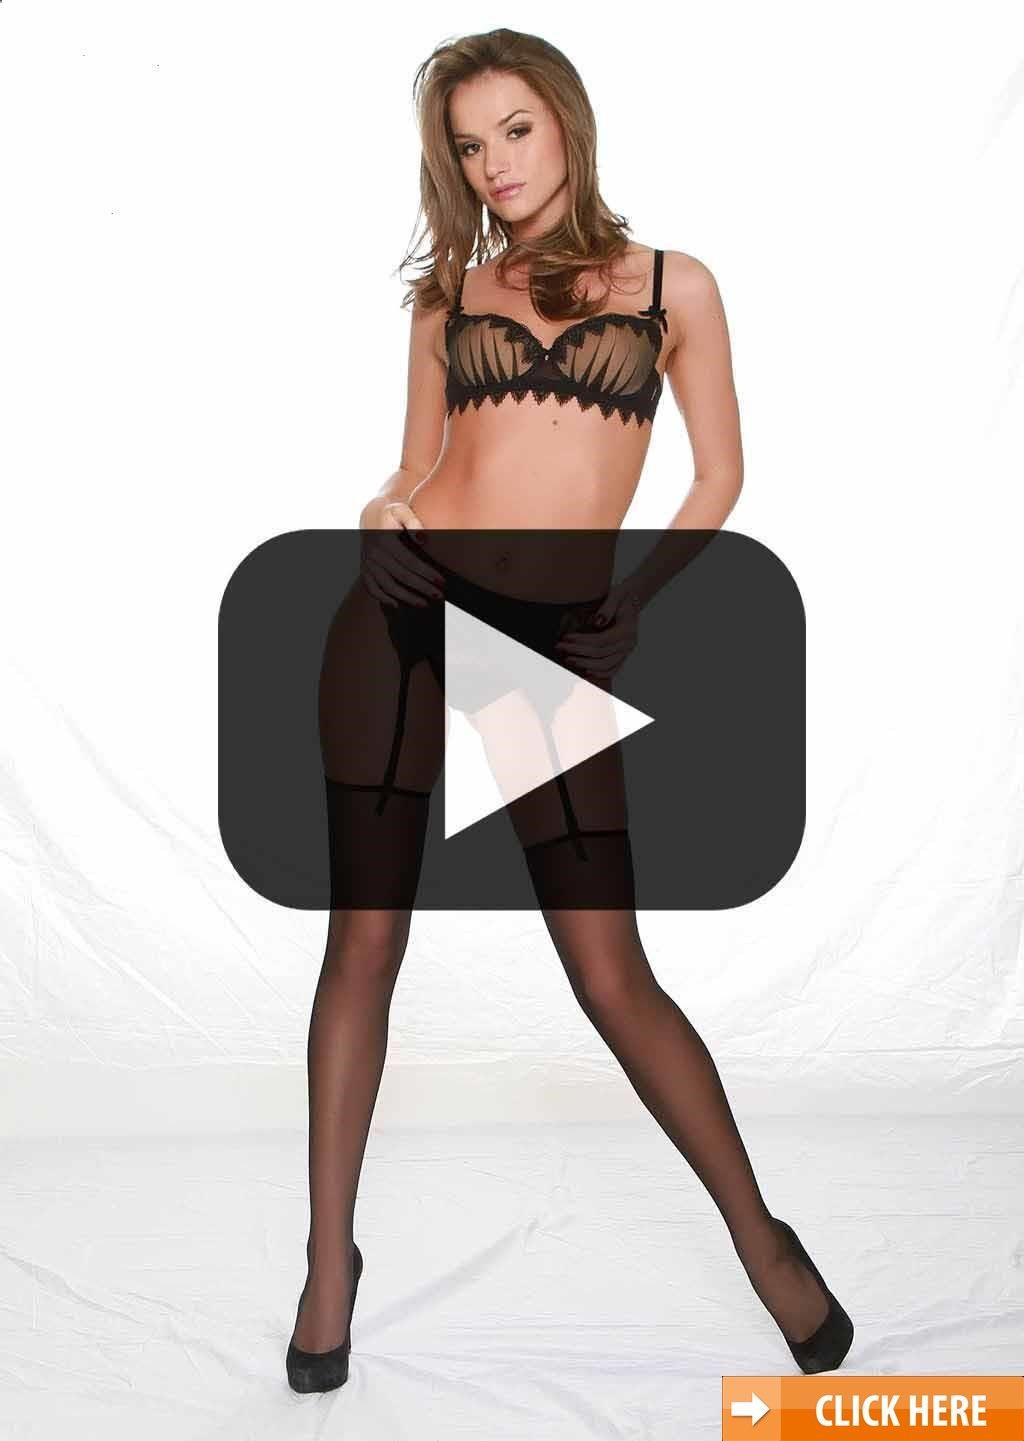 Full figure teen nudes